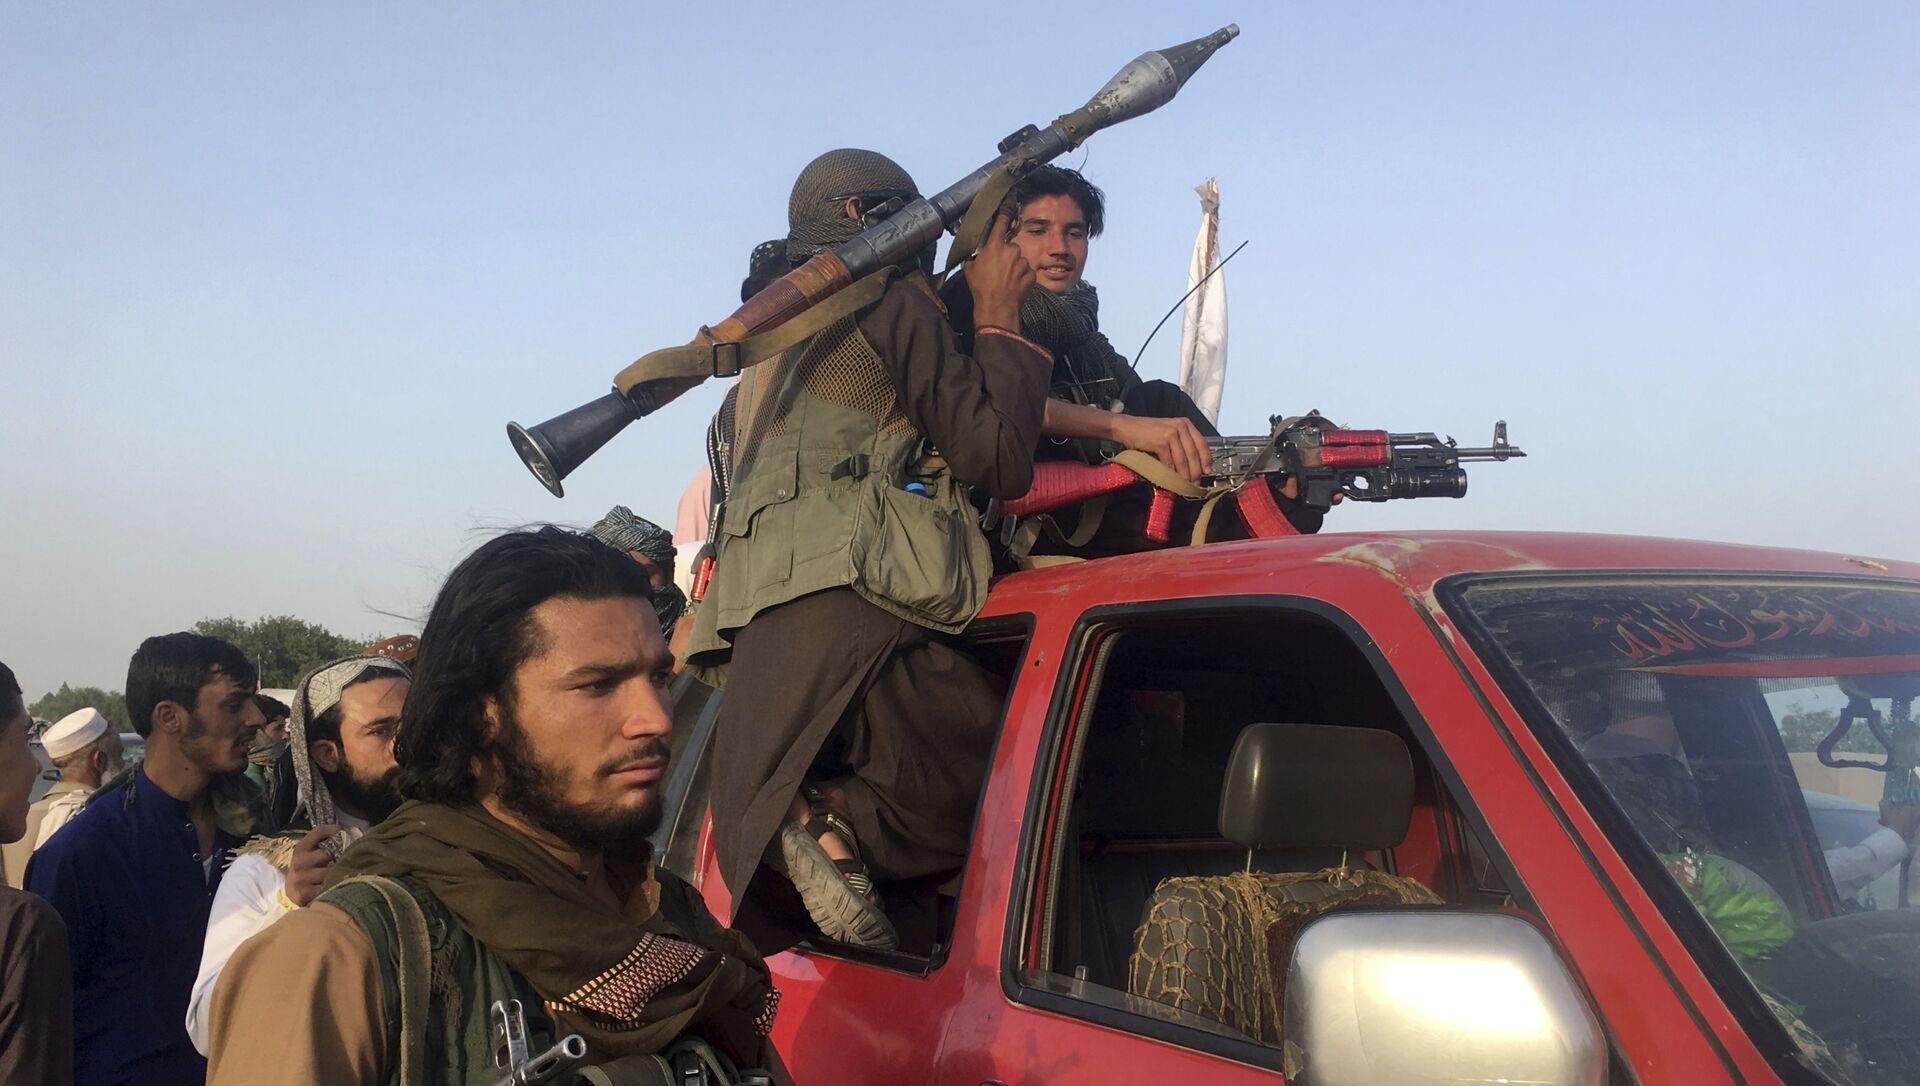 Taliban fighters ride in their vehicle in Surkhroad district of Nangarhar province, east of Kabul, Afghanistan, Saturday, June 16, 2018 - Sputnik International, 1920, 14.08.2021